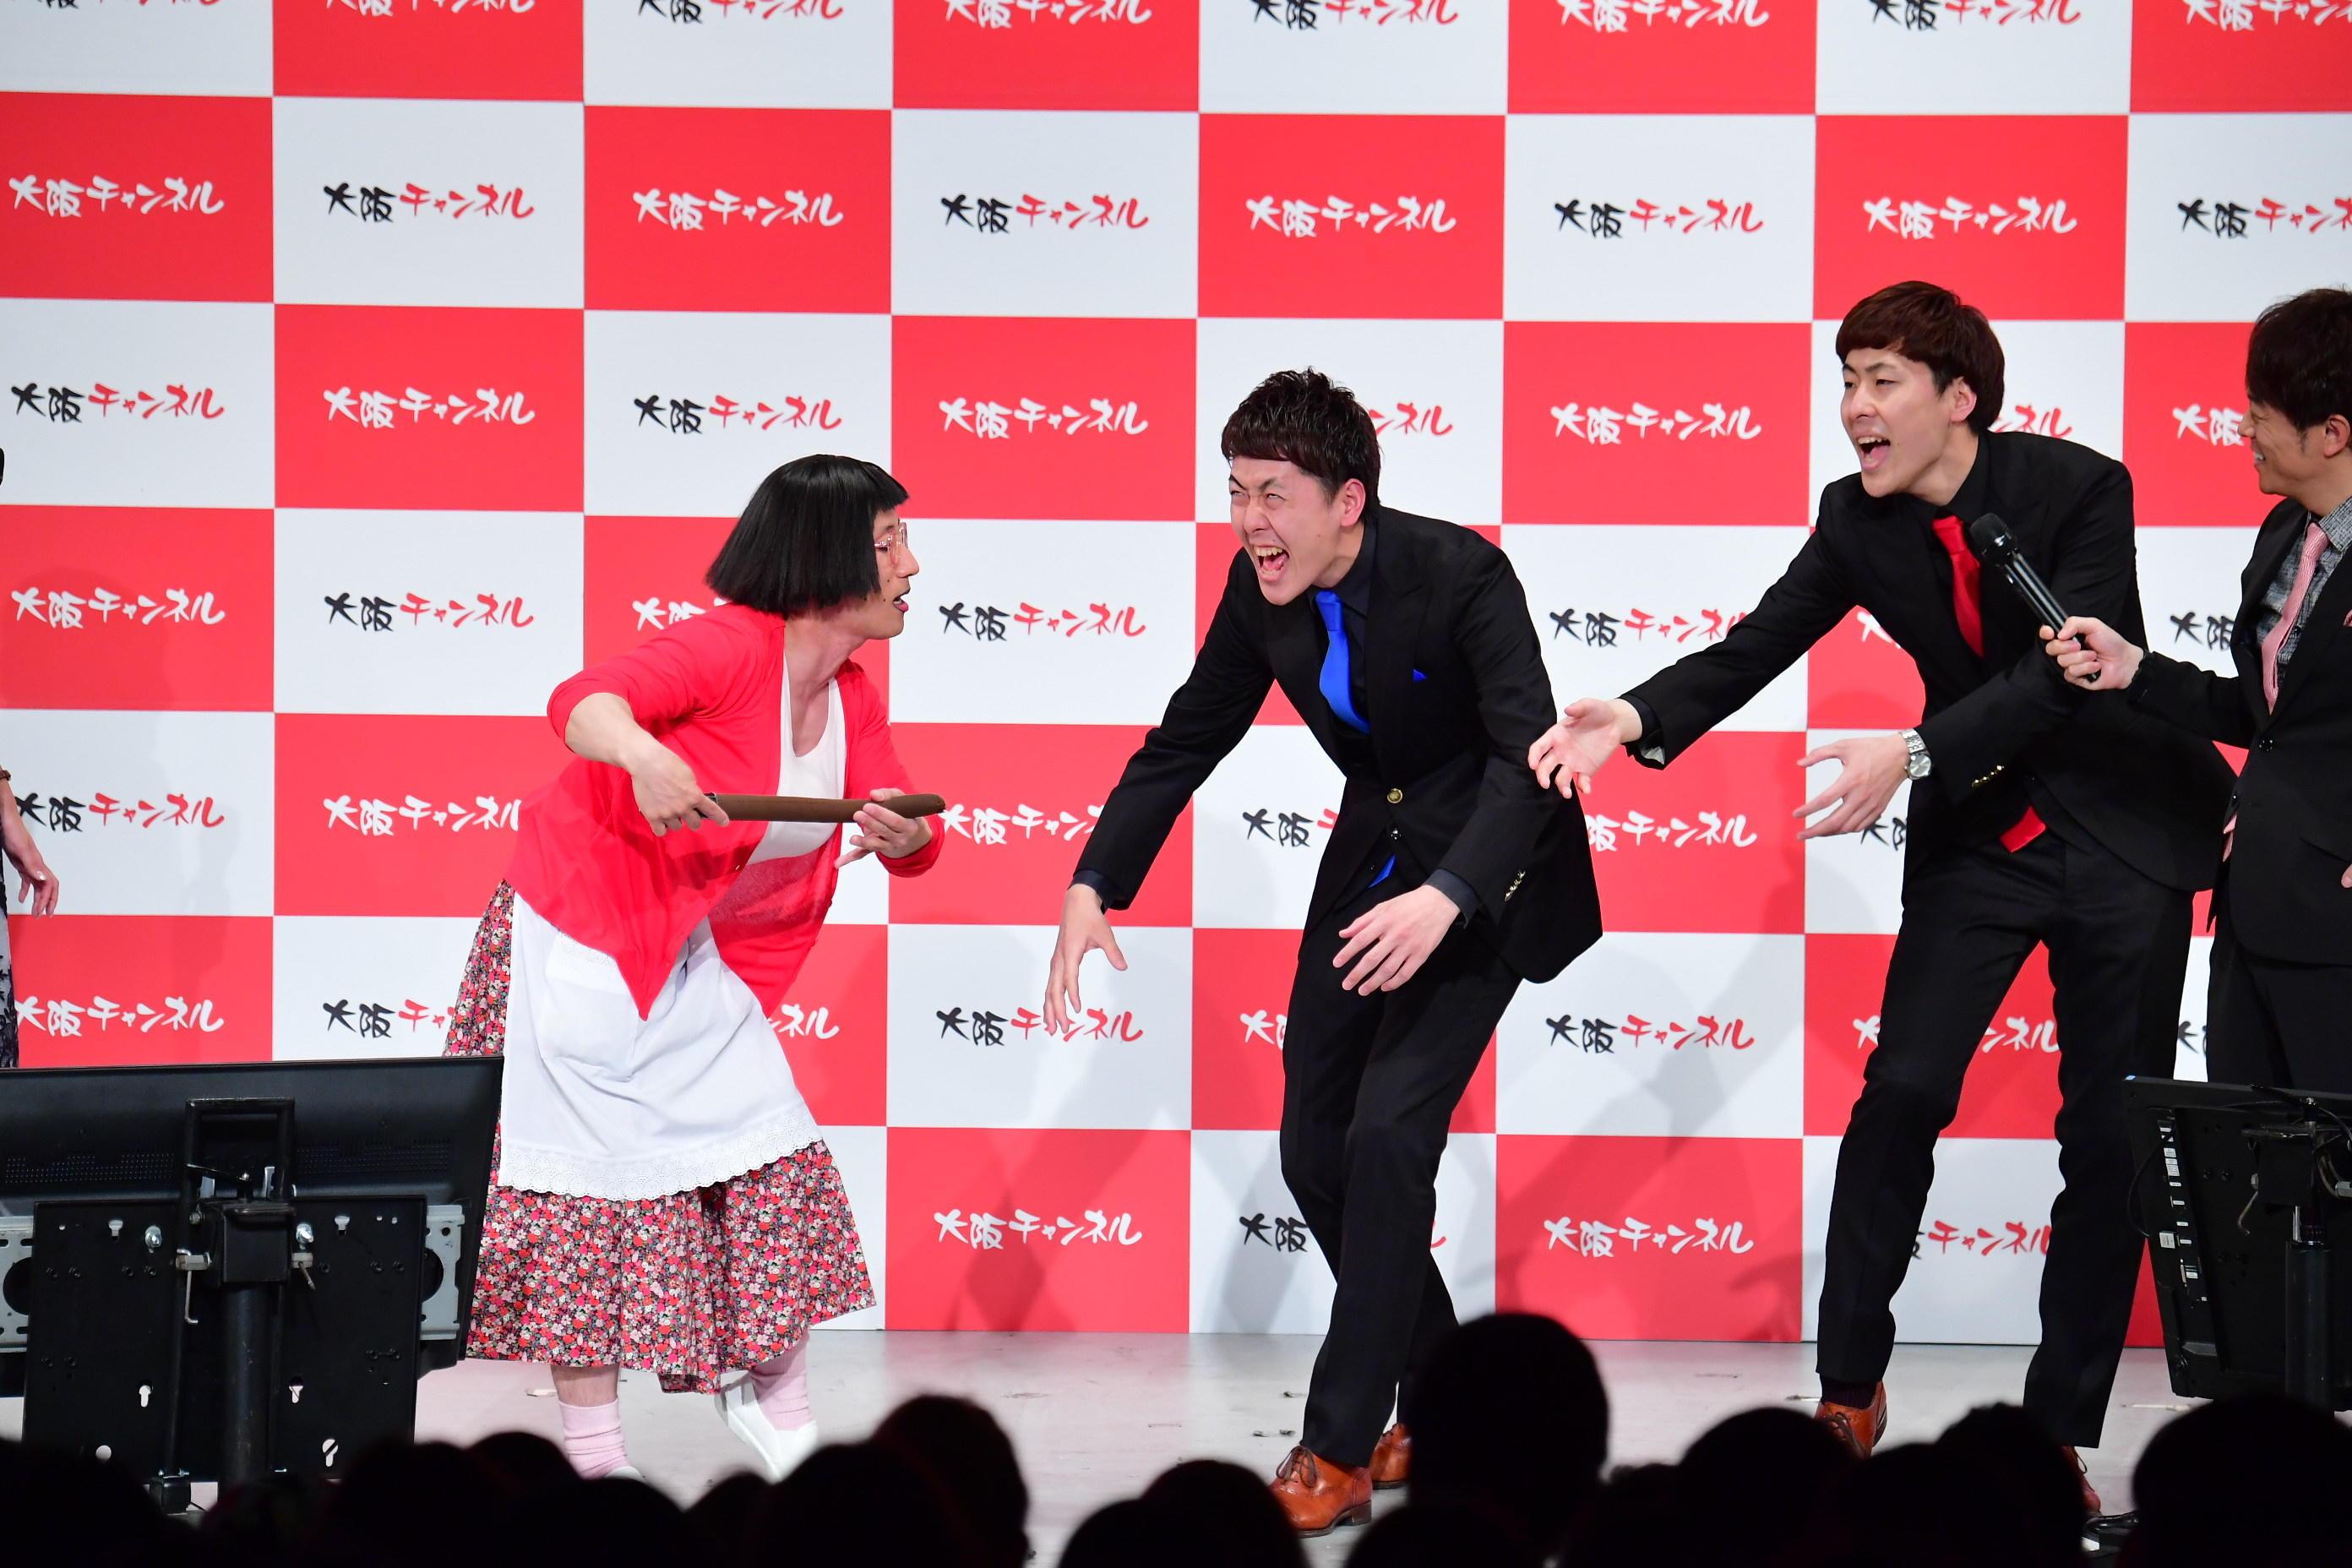 http://news.yoshimoto.co.jp/20180514224618-fdc8f8cb386508791bea2bf27b2957c29e86b9cd.jpg